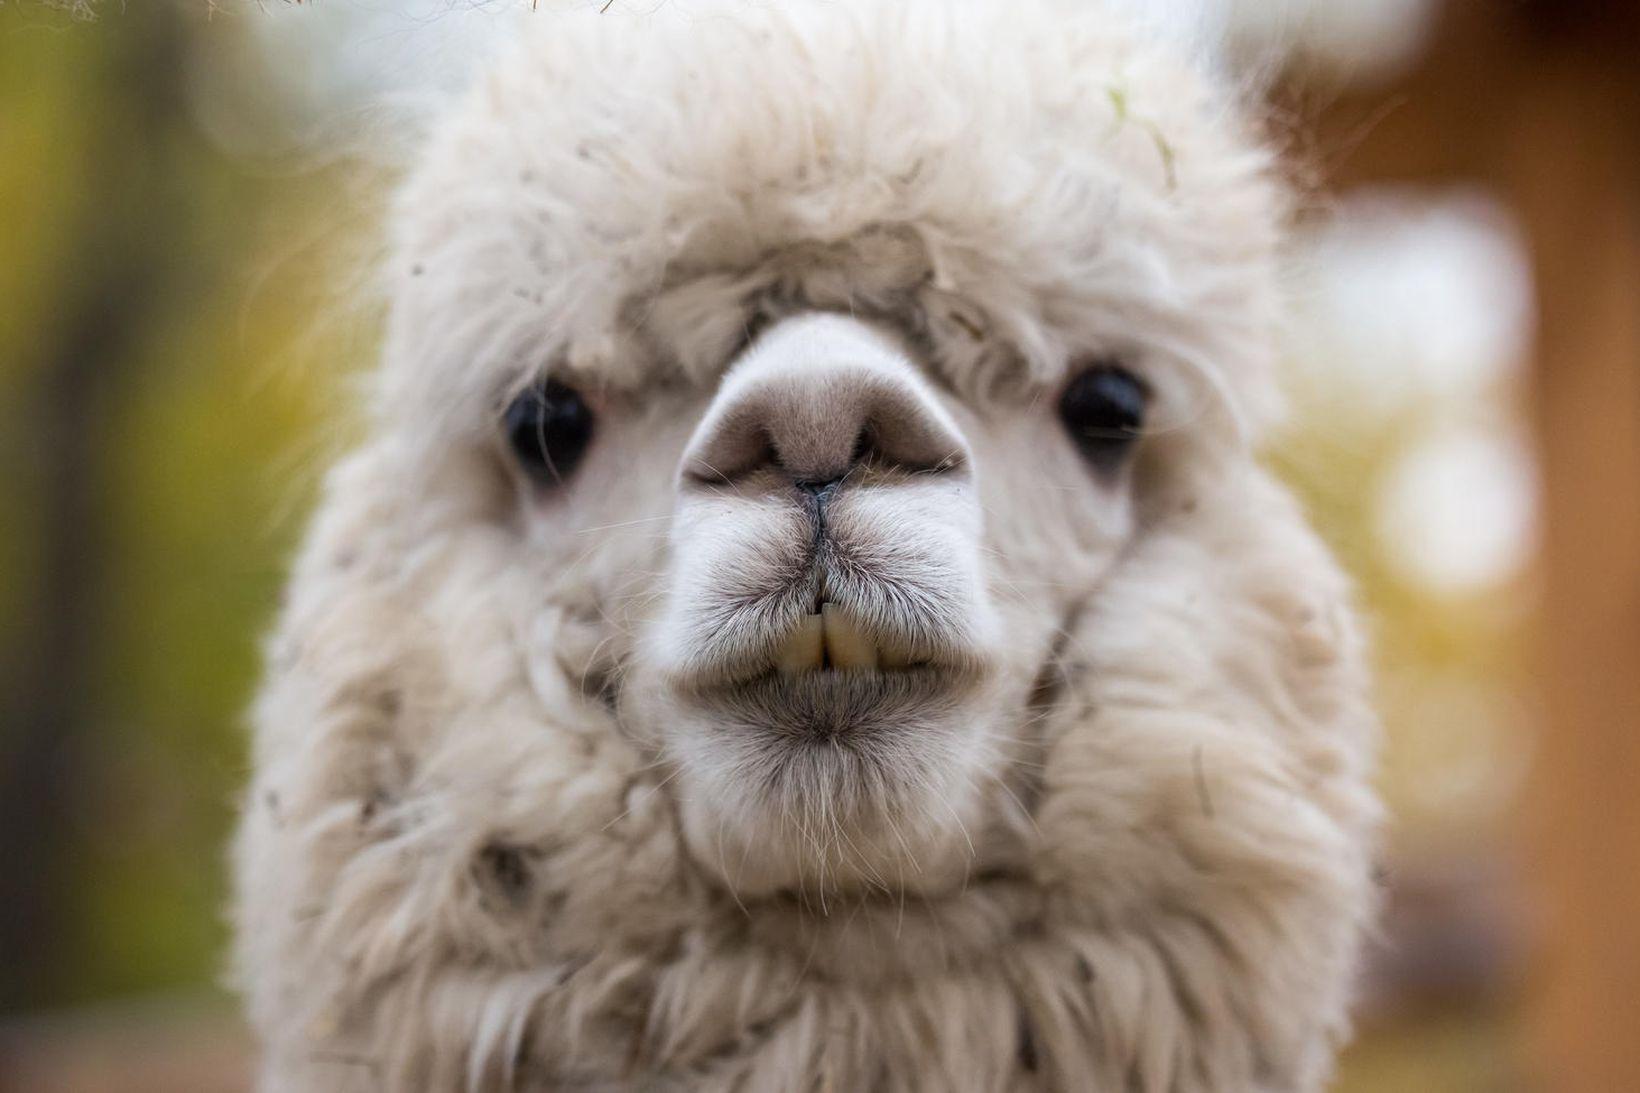 Alpaca eru krúttleg dýr. Ull þeirra er hlý, sterk og …